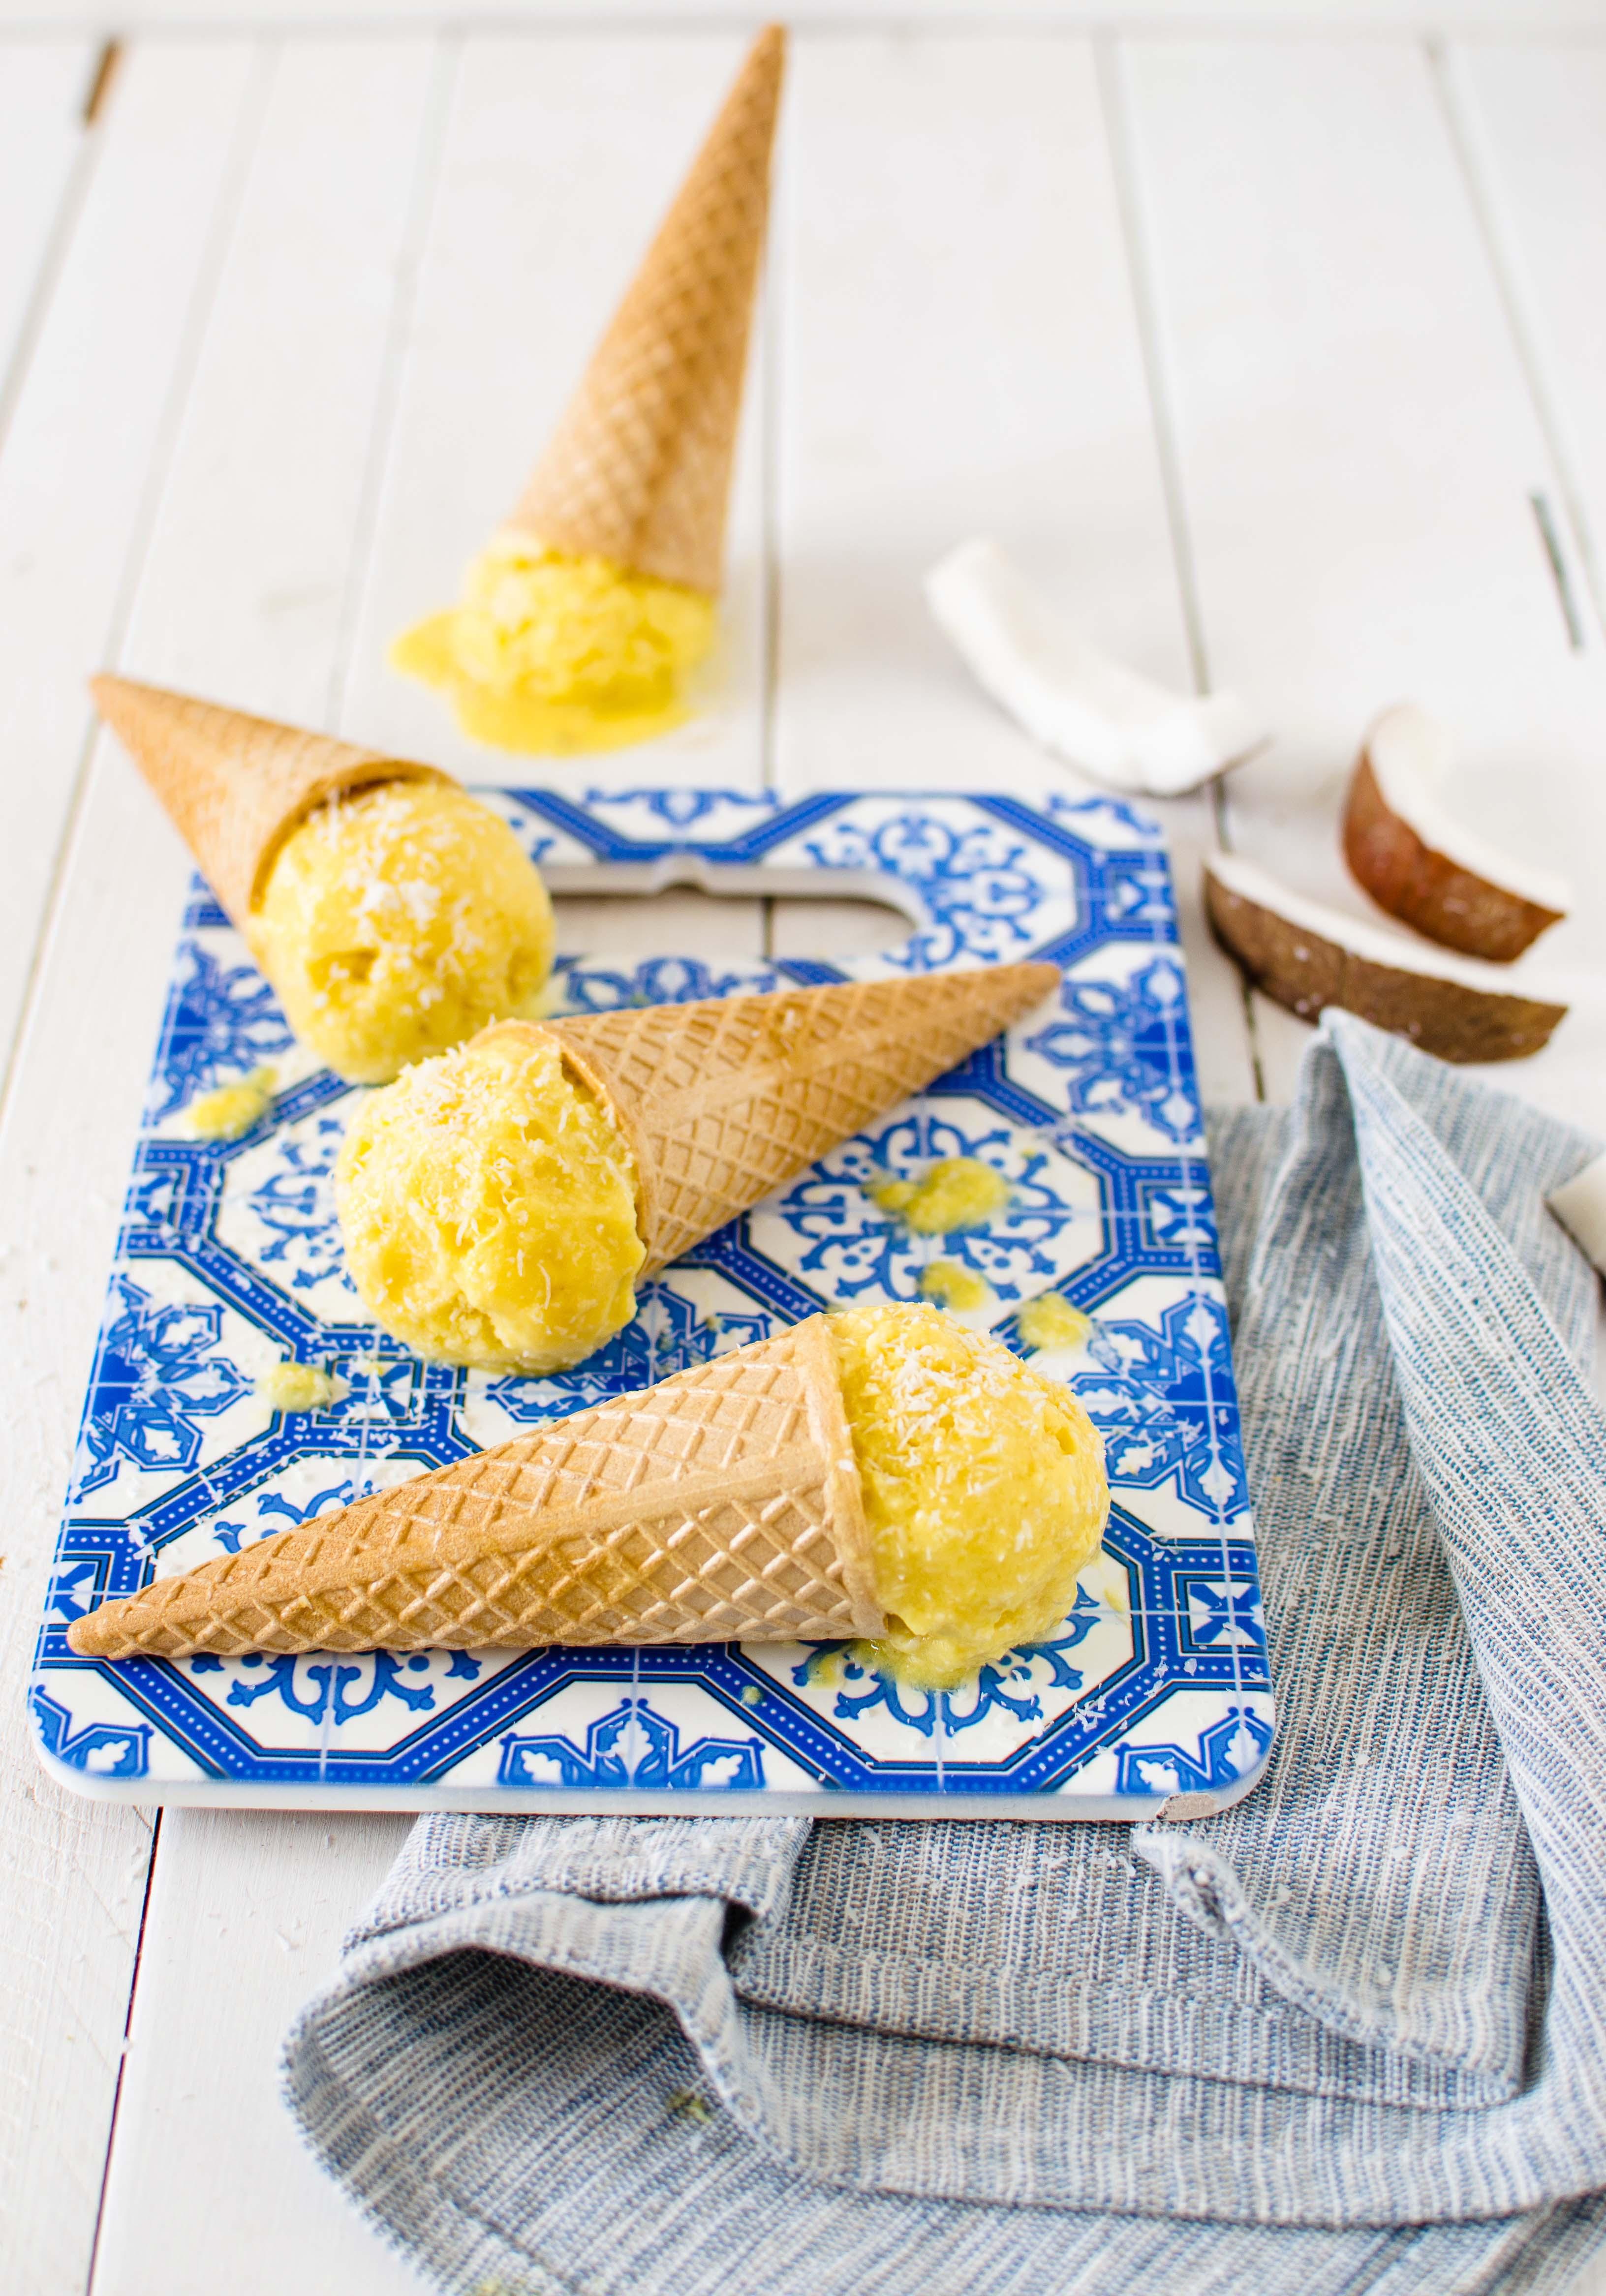 gelato_mango_cocco4 Gelato al mango e cocco per Letture golose